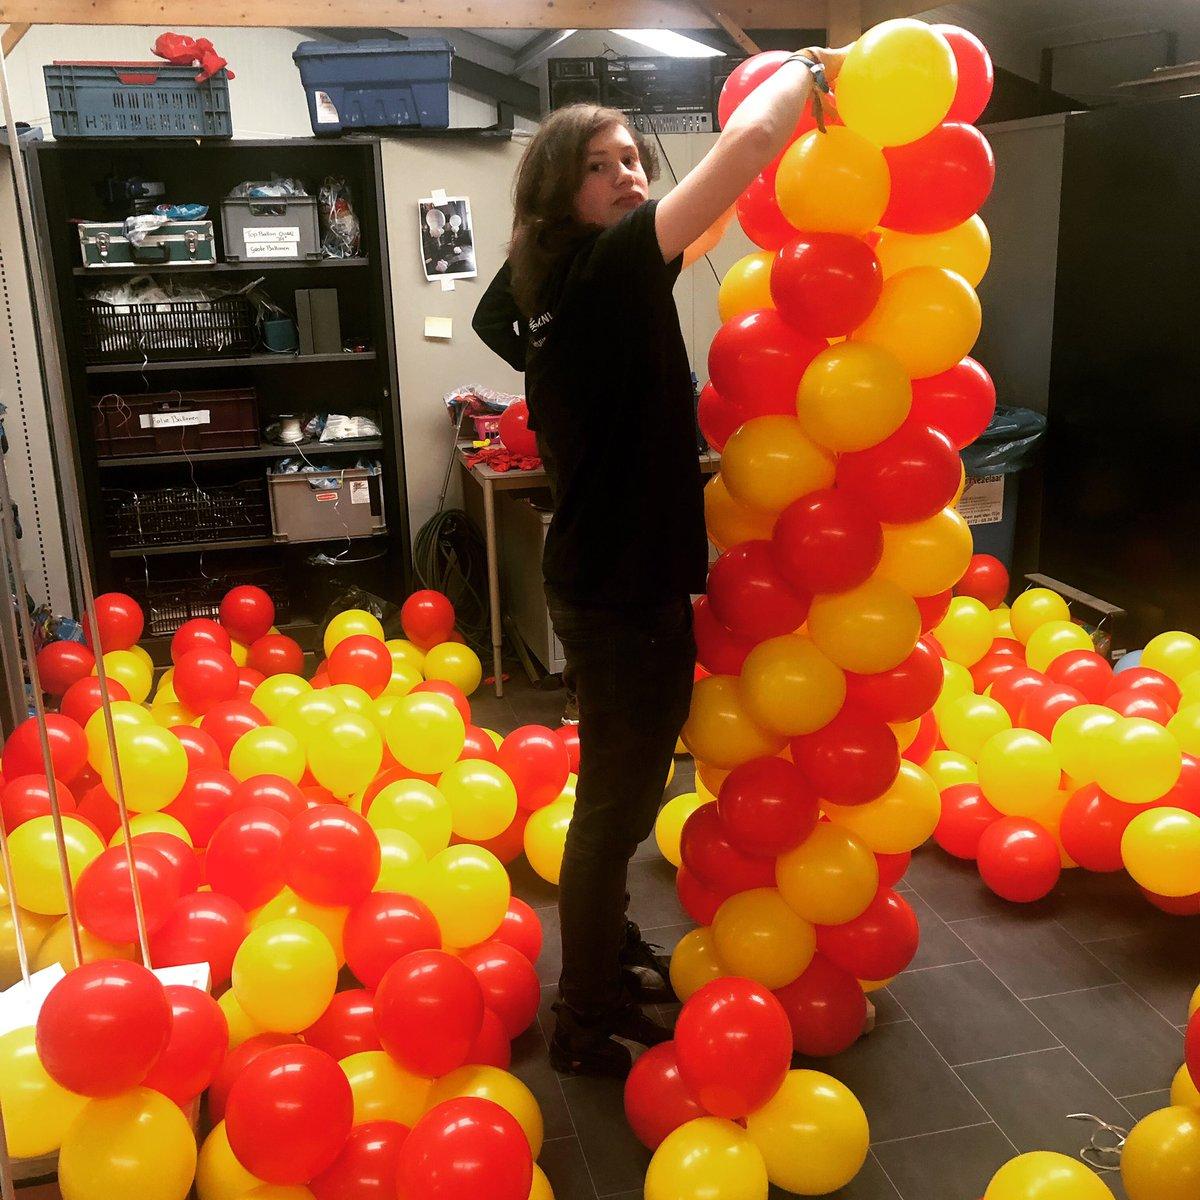 Hard aan het blazen en knopen voor de opdracht van 27 ballonbogen voor @shell tankstations